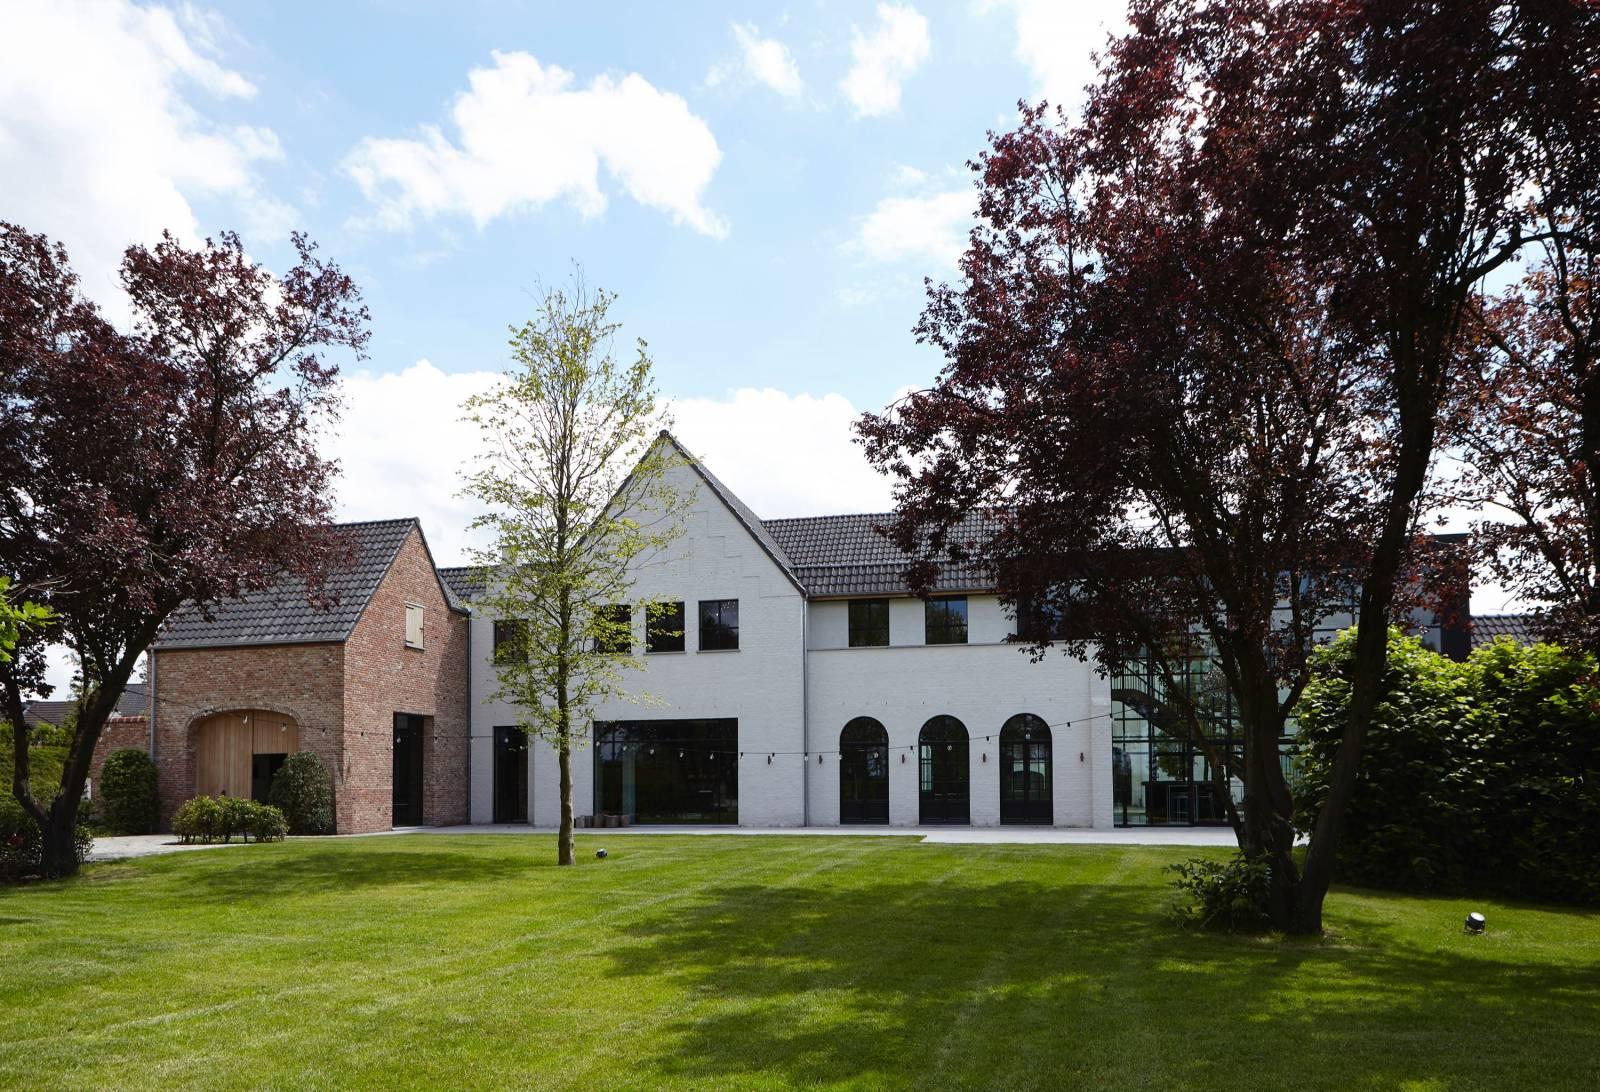 Hove van Herpelgem - Feestzaal Kluisbergen - Trouwzaal - House of Weddings - 13